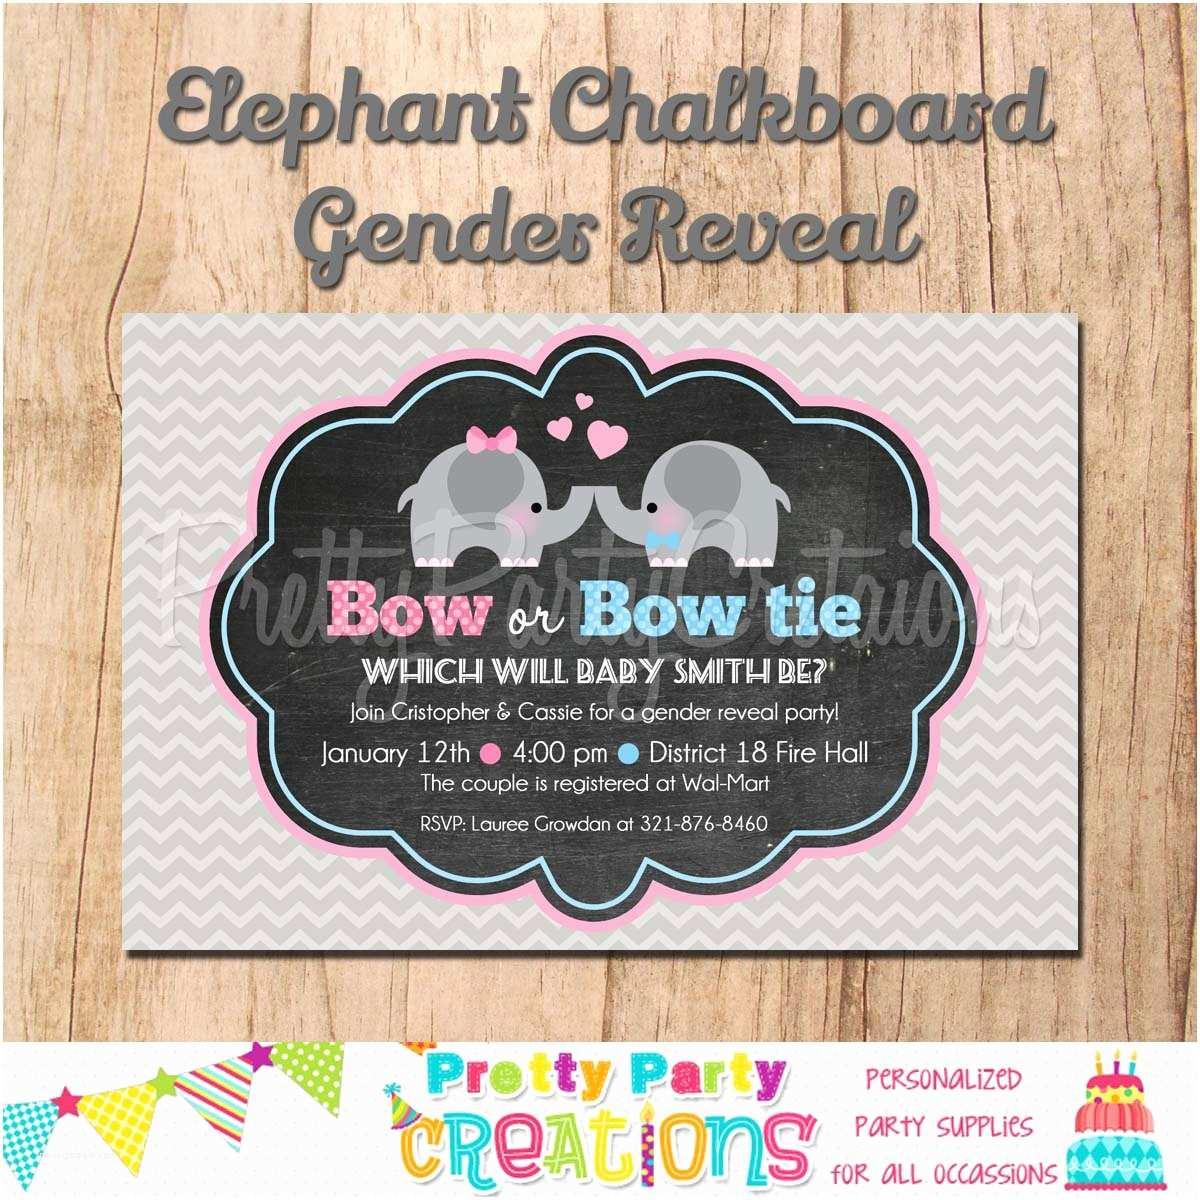 Chalkboard Baby Shower Invitations Chalkboard Elephant Gender Reveal Baby Shower Invitation